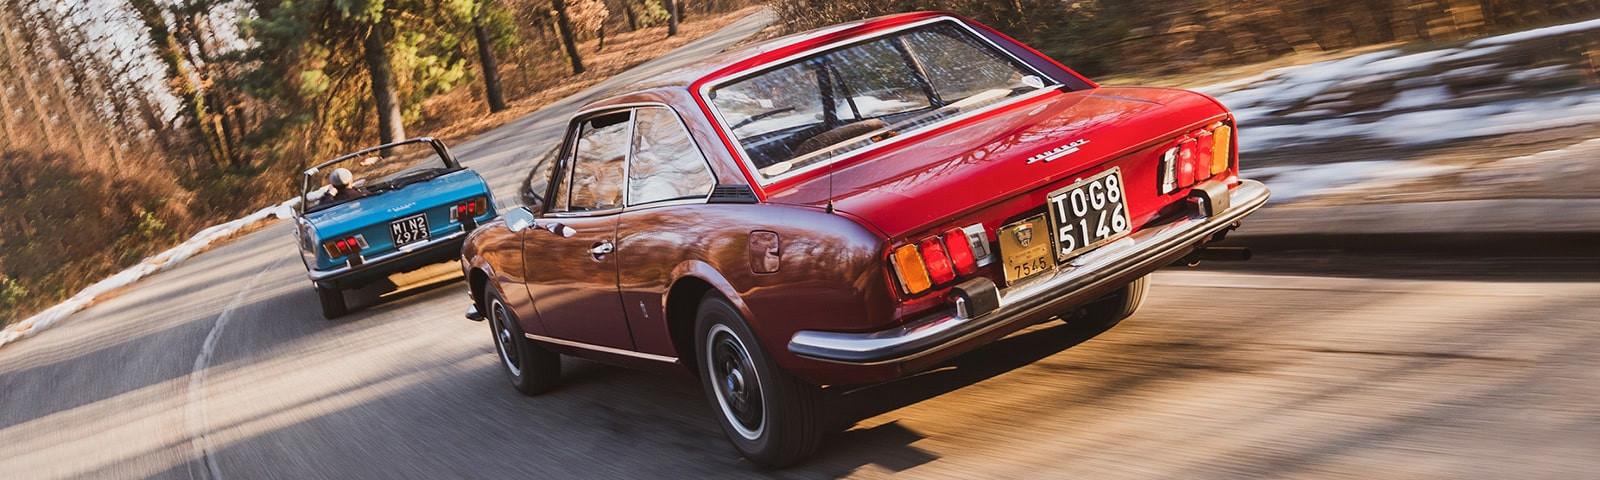 50 años de los Coupé y Cabrio más emblemáticos de la historia de Peugeot